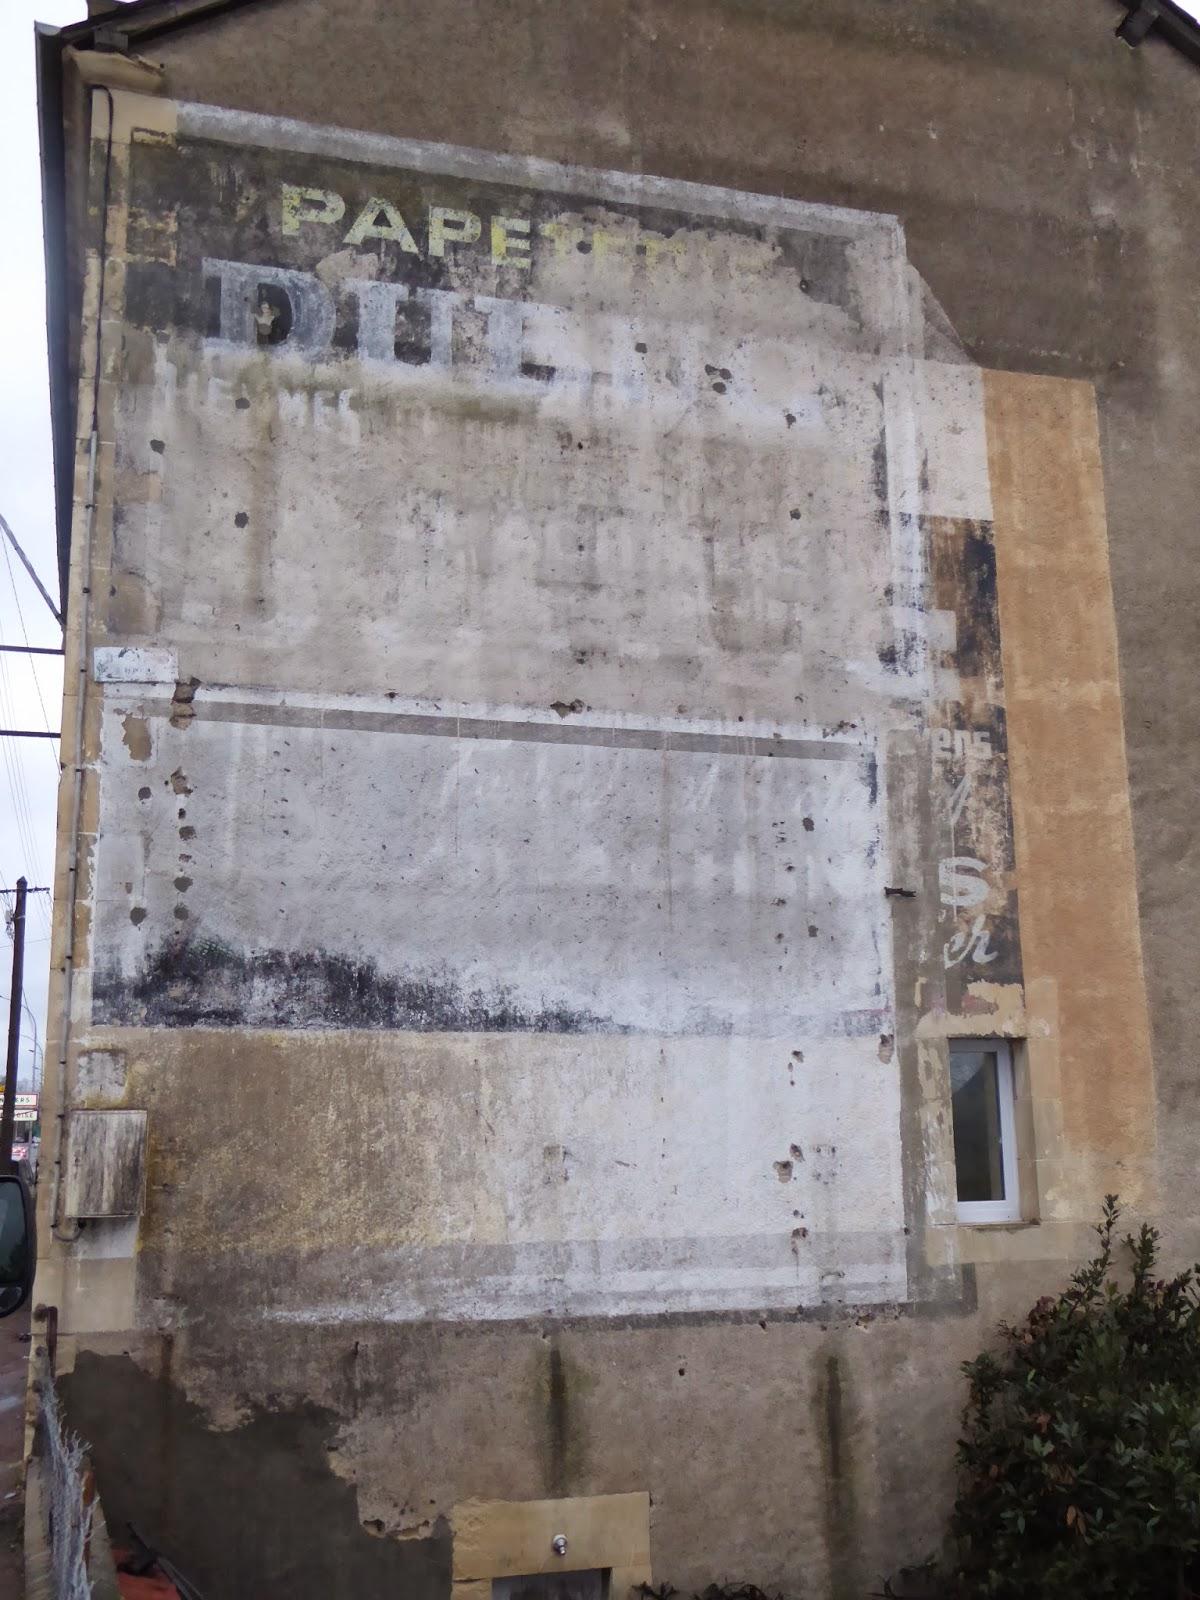 Des signes sur les murs route bleue 20 for Papeterie dax